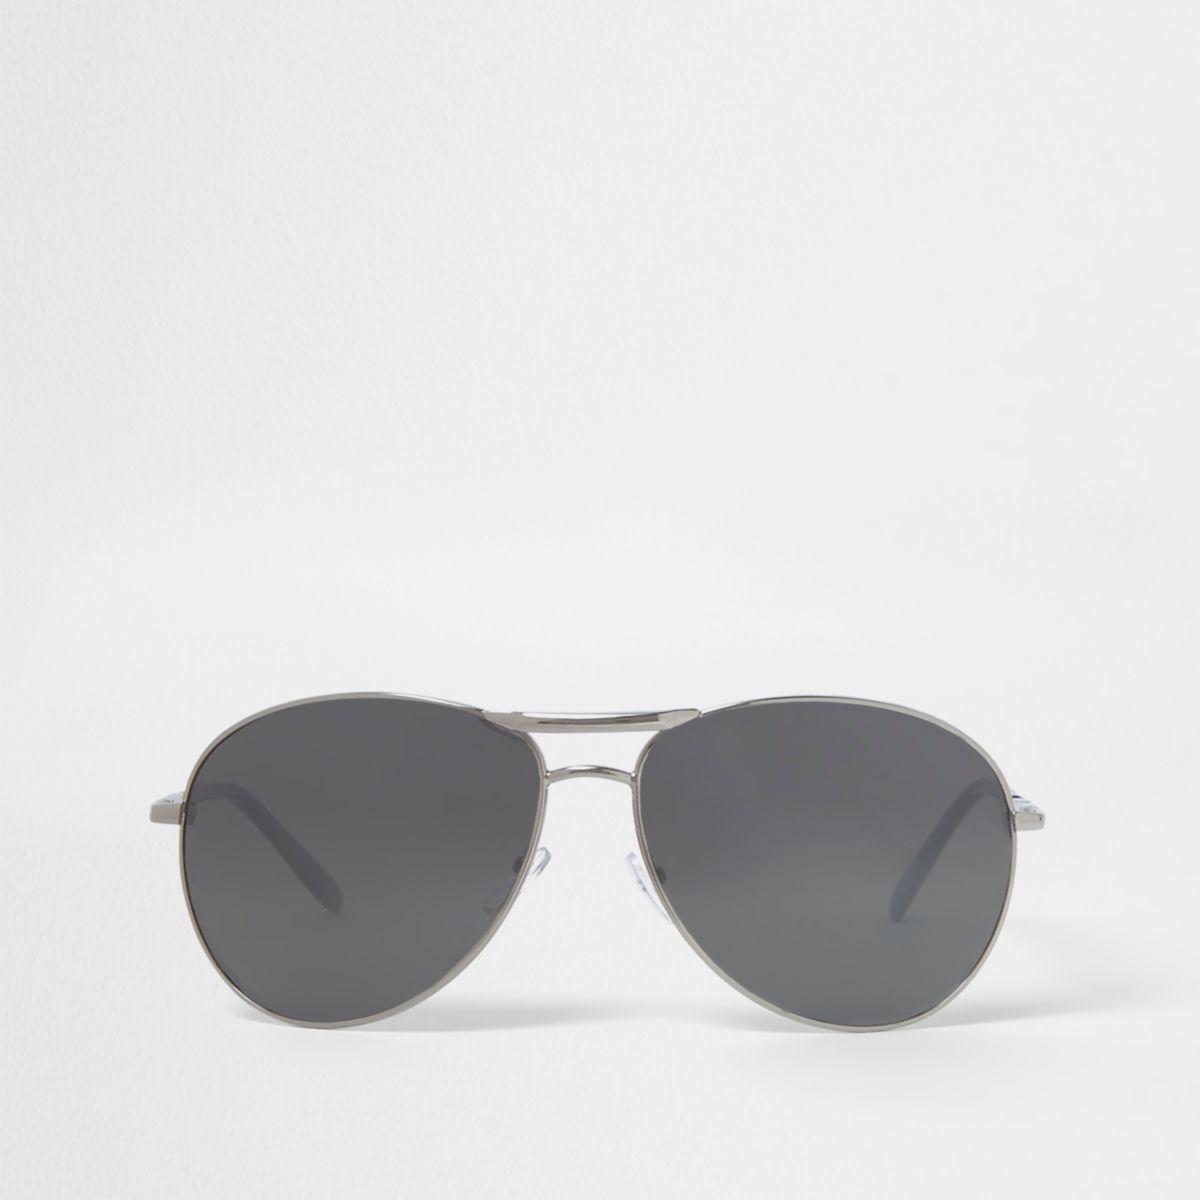 Silver tone aviator mirror sunglasses